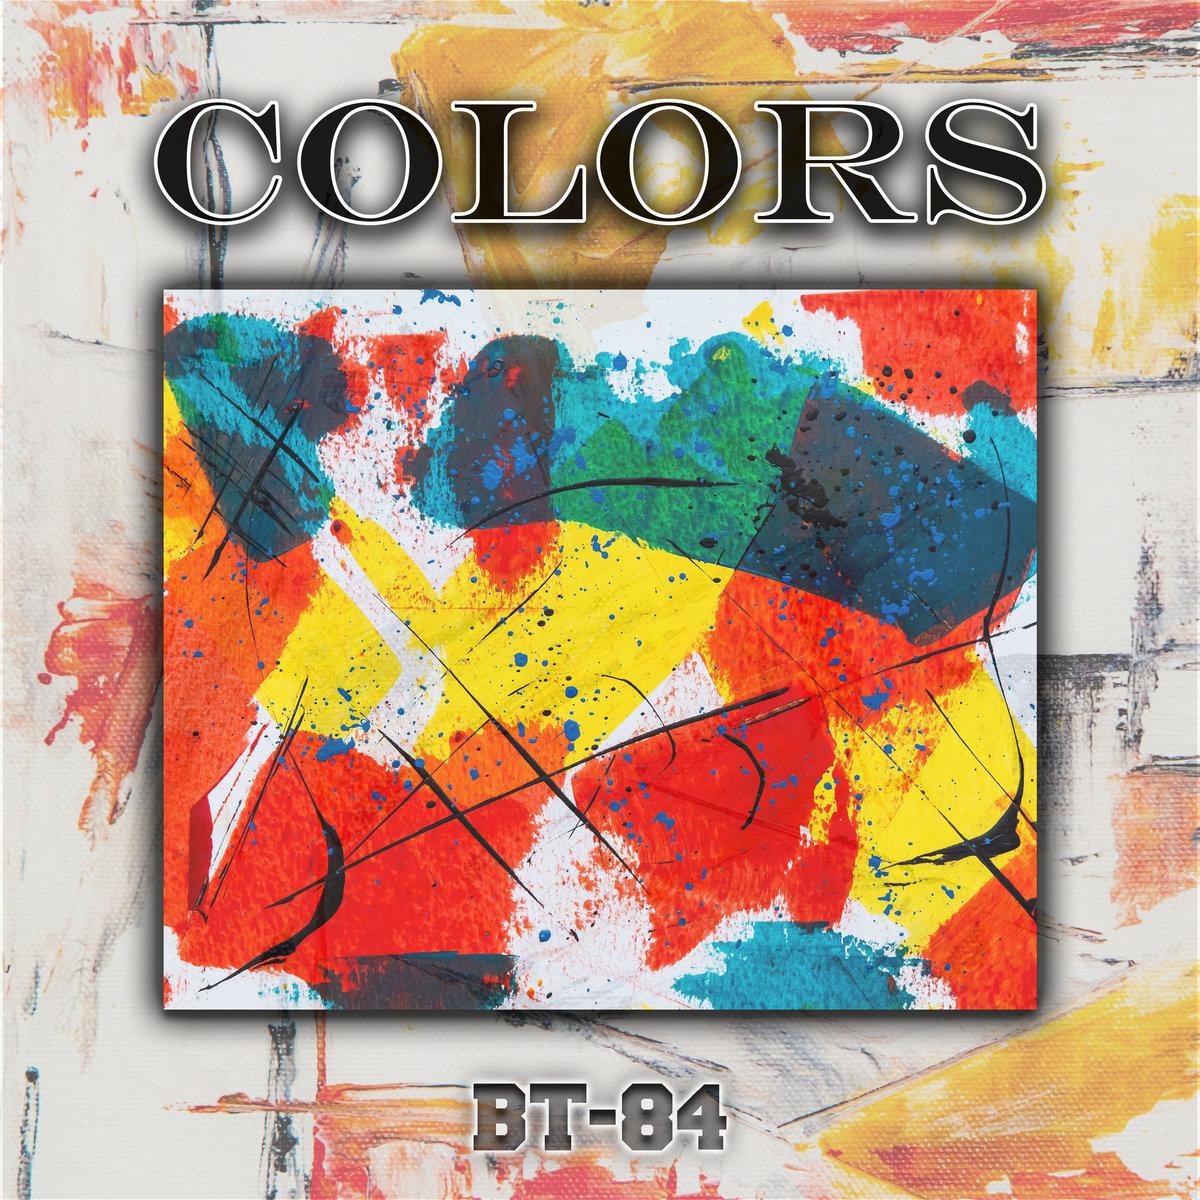 BT-84 – Colors (2021) [FLAC]